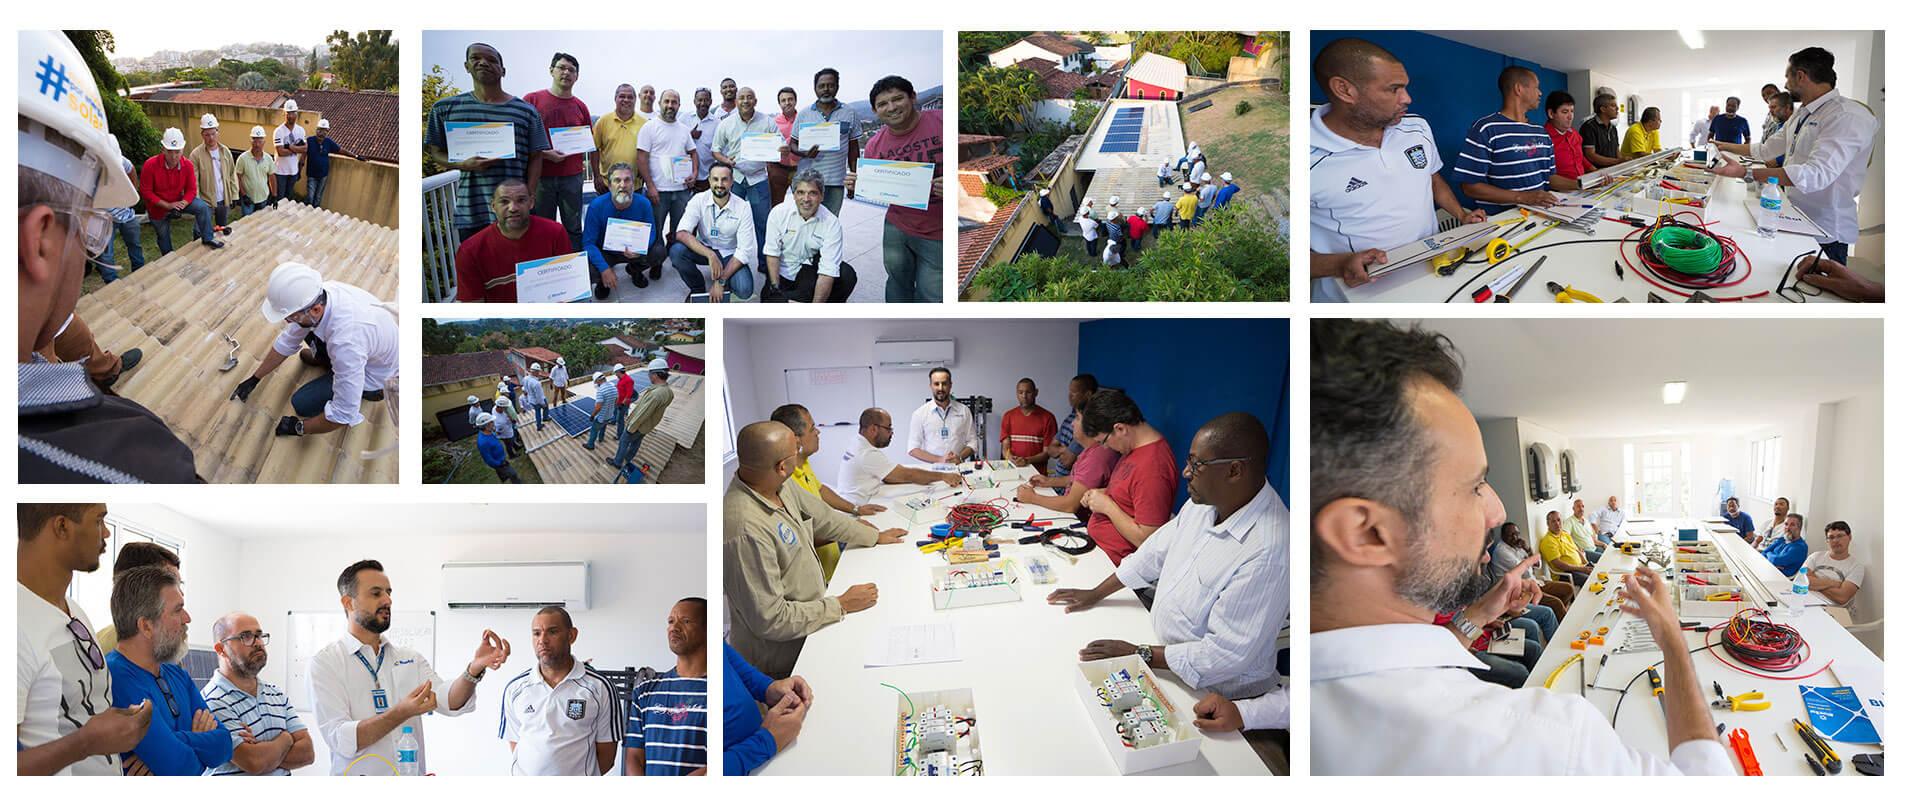 curso de energia solar centro treinamento